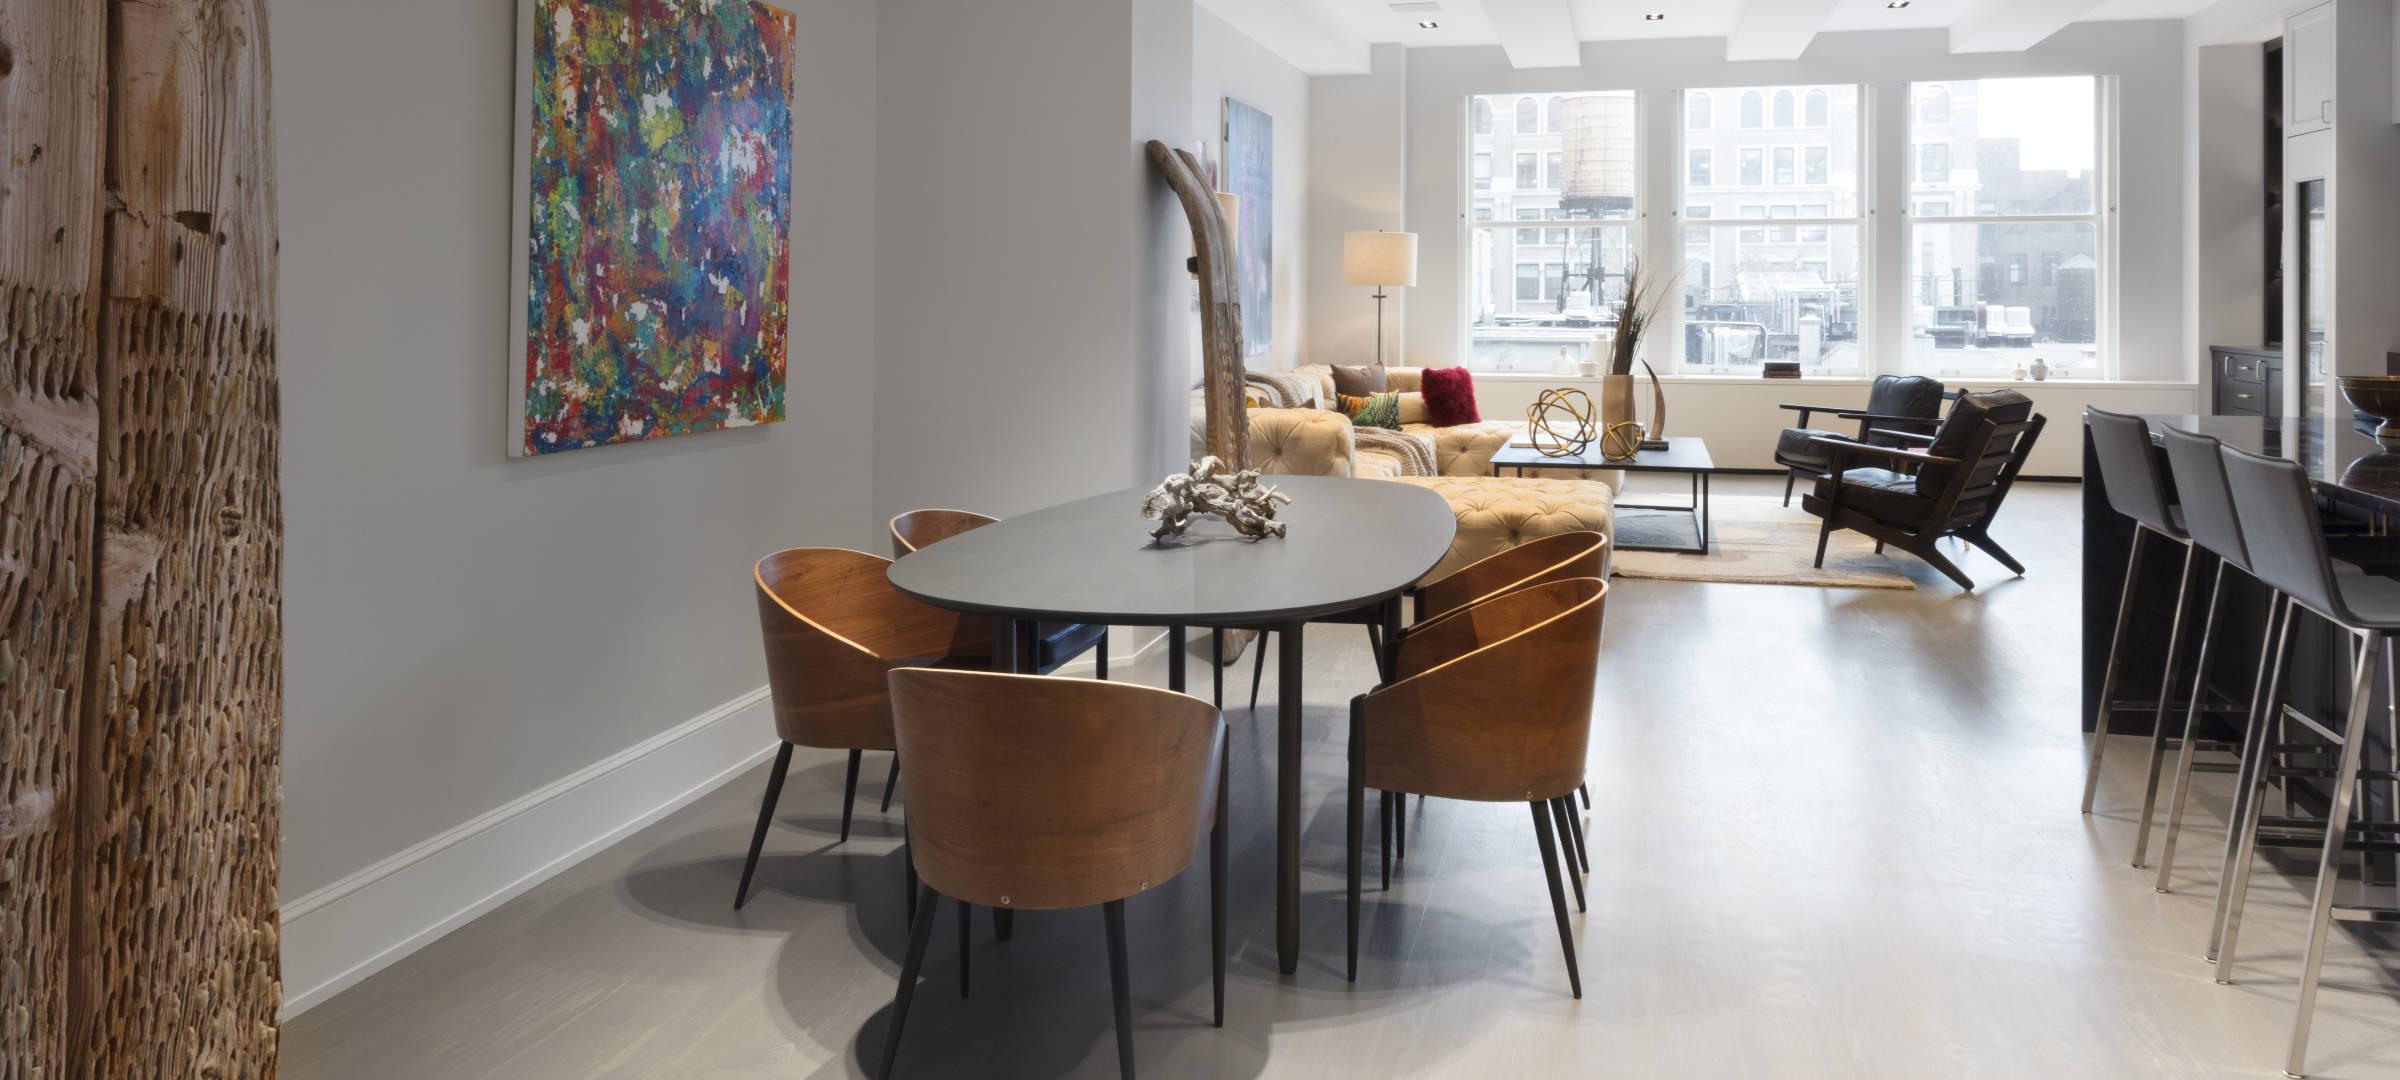 SBSG Interior Design Living Room 260 Park Avenue South, NY